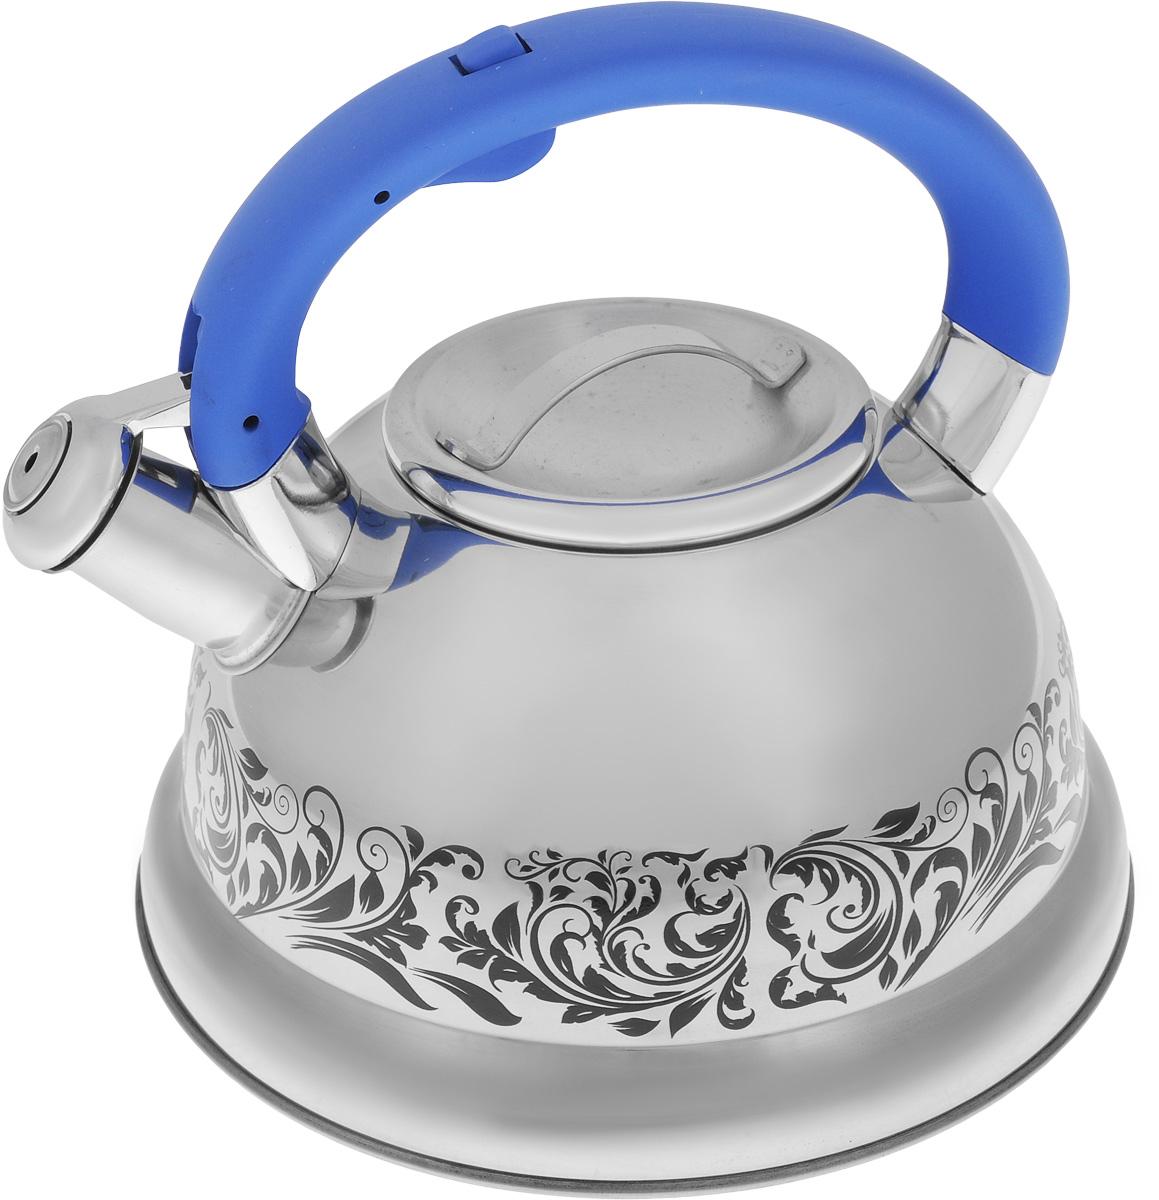 Чайник Mayer & Boch, со свистком, цвет: стальной, синий, 2,6 л. 2341723417Чайник Mayer & Boch выполнен из нержавеющей стали с зеркальной полировкой, что делает его весьма устойчивым к износу при длительном использовании. Изделие оснащено откидным свистком, который громко оповестит о закипании воды. Удобная эргономичная ручка изготовлена из бакелита. Такой чайник идеально впишется в интерьер любой кухни и станет замечательным подарком к любому случаю. Подходит для всех типов плит, включая индукционные. Можно мыть в посудомоечной машине. Диаметр чайника (по верхнему краю): 10 см. Диаметр индукционного диска: 18 см. Высота чайника (с учетом ручки): 20,5 см.